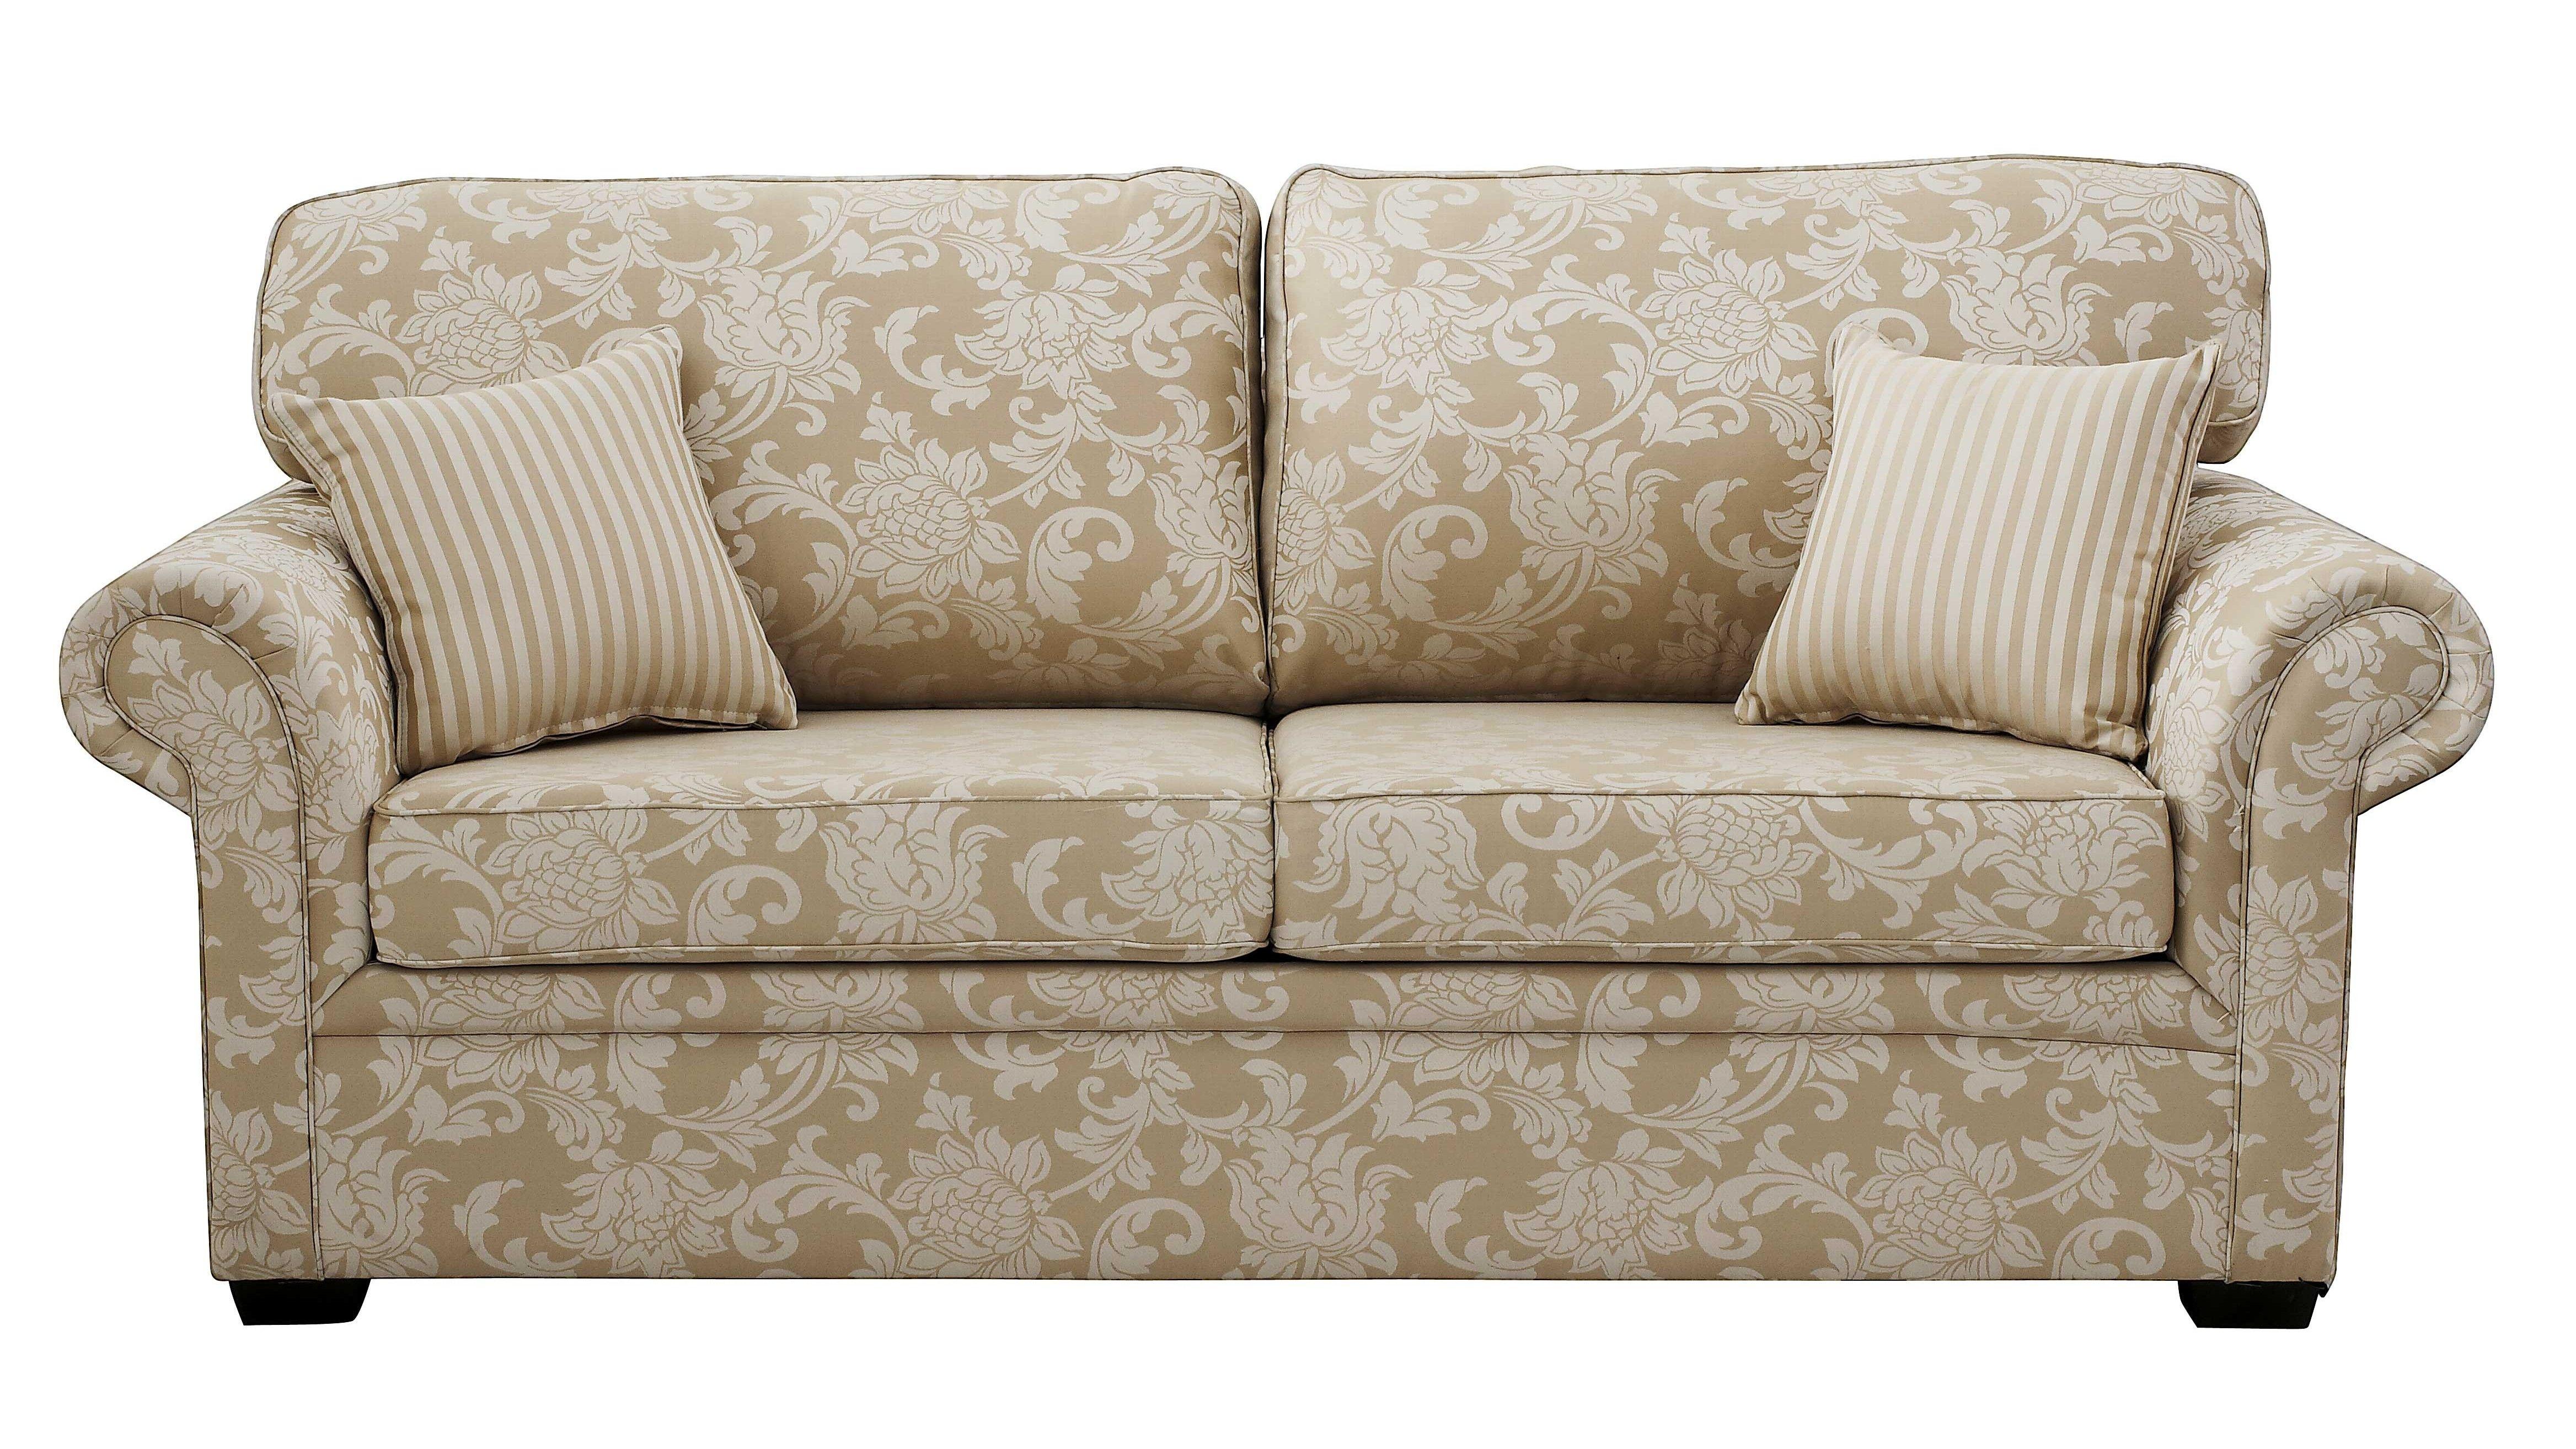 Cooper Sofa Harvey Norman Sm Bacoor Bed Beds Brokeasshome